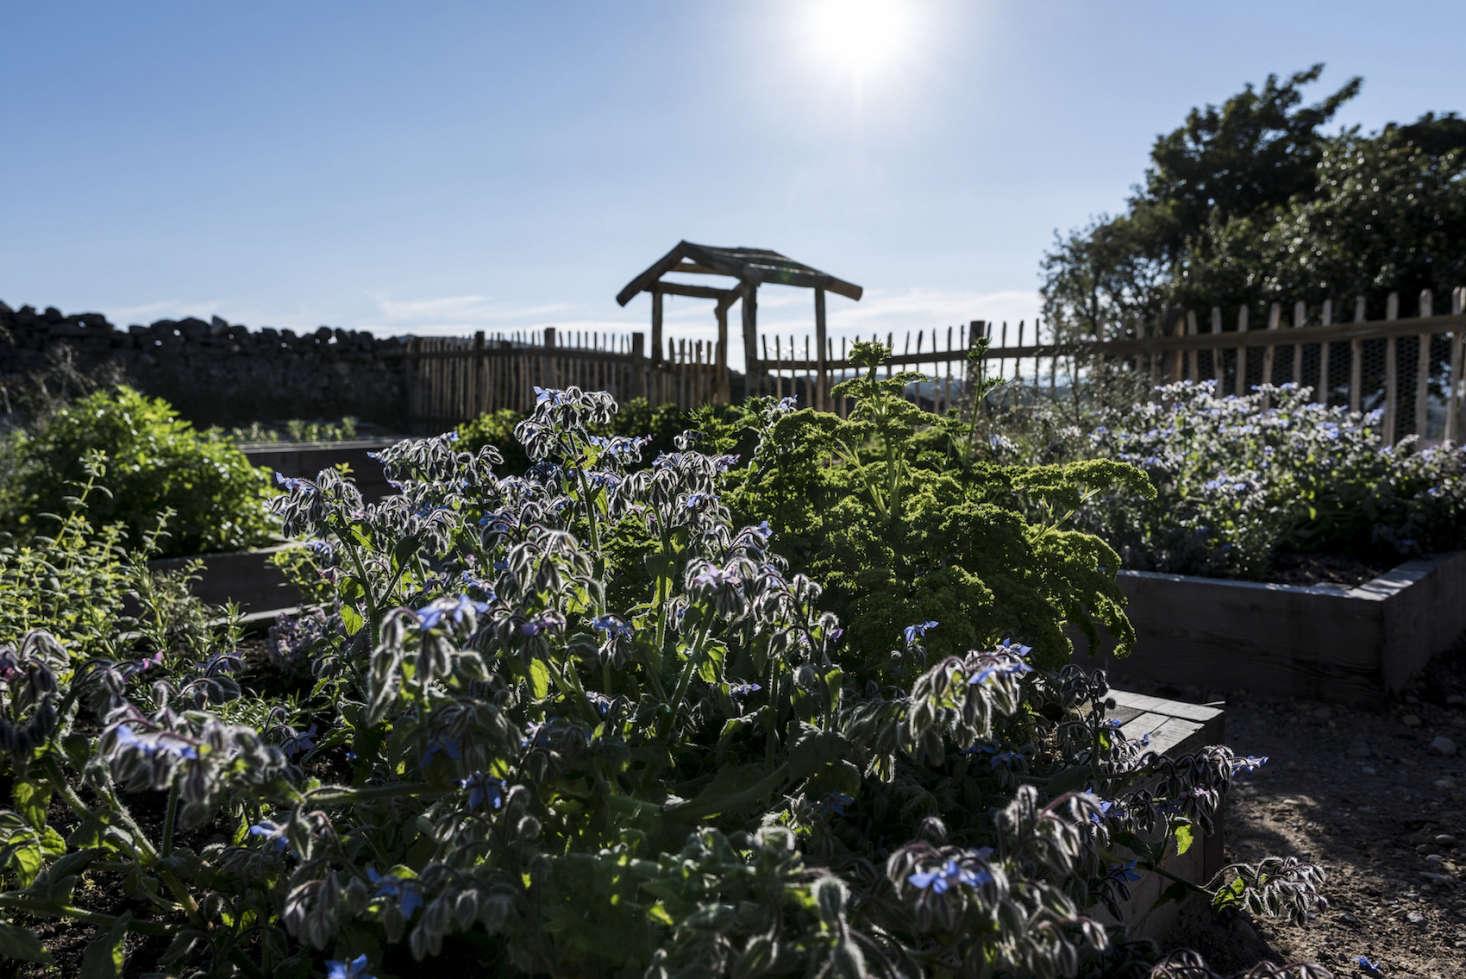 Self-seeding borage grows in abundance in the vegetable garden.